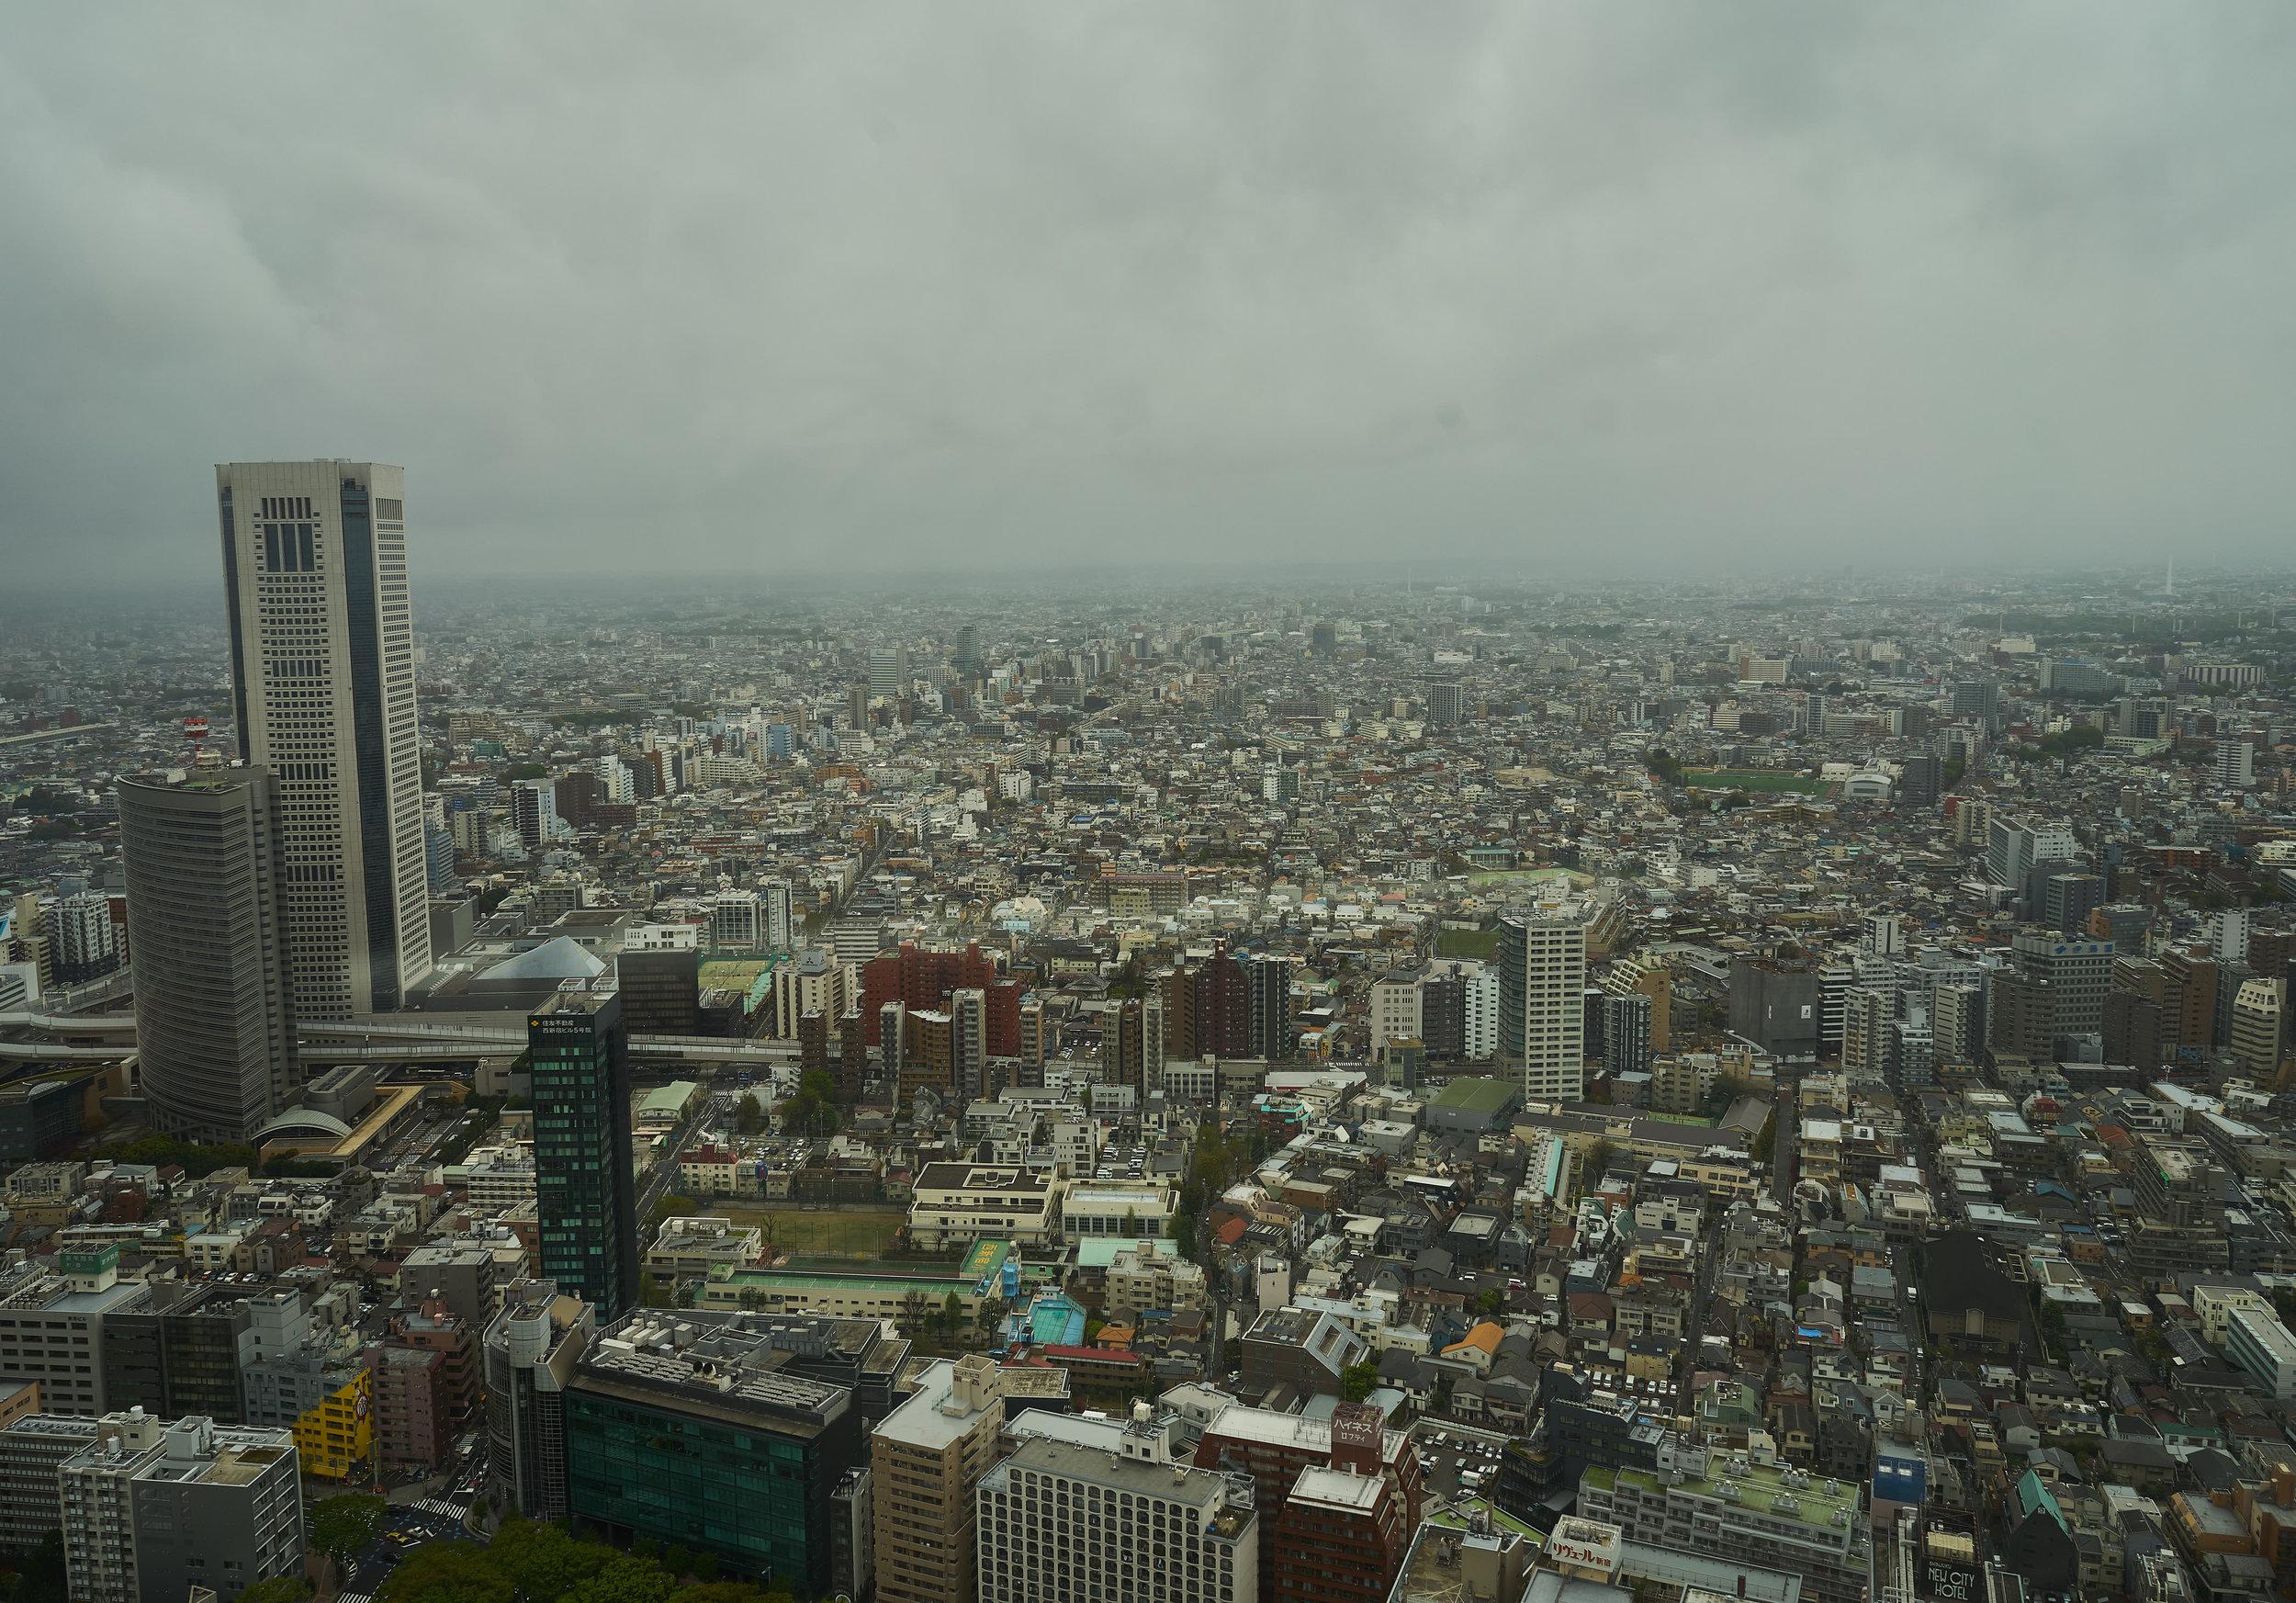 Tokio_Government Buidling_View_1_kom.jpg